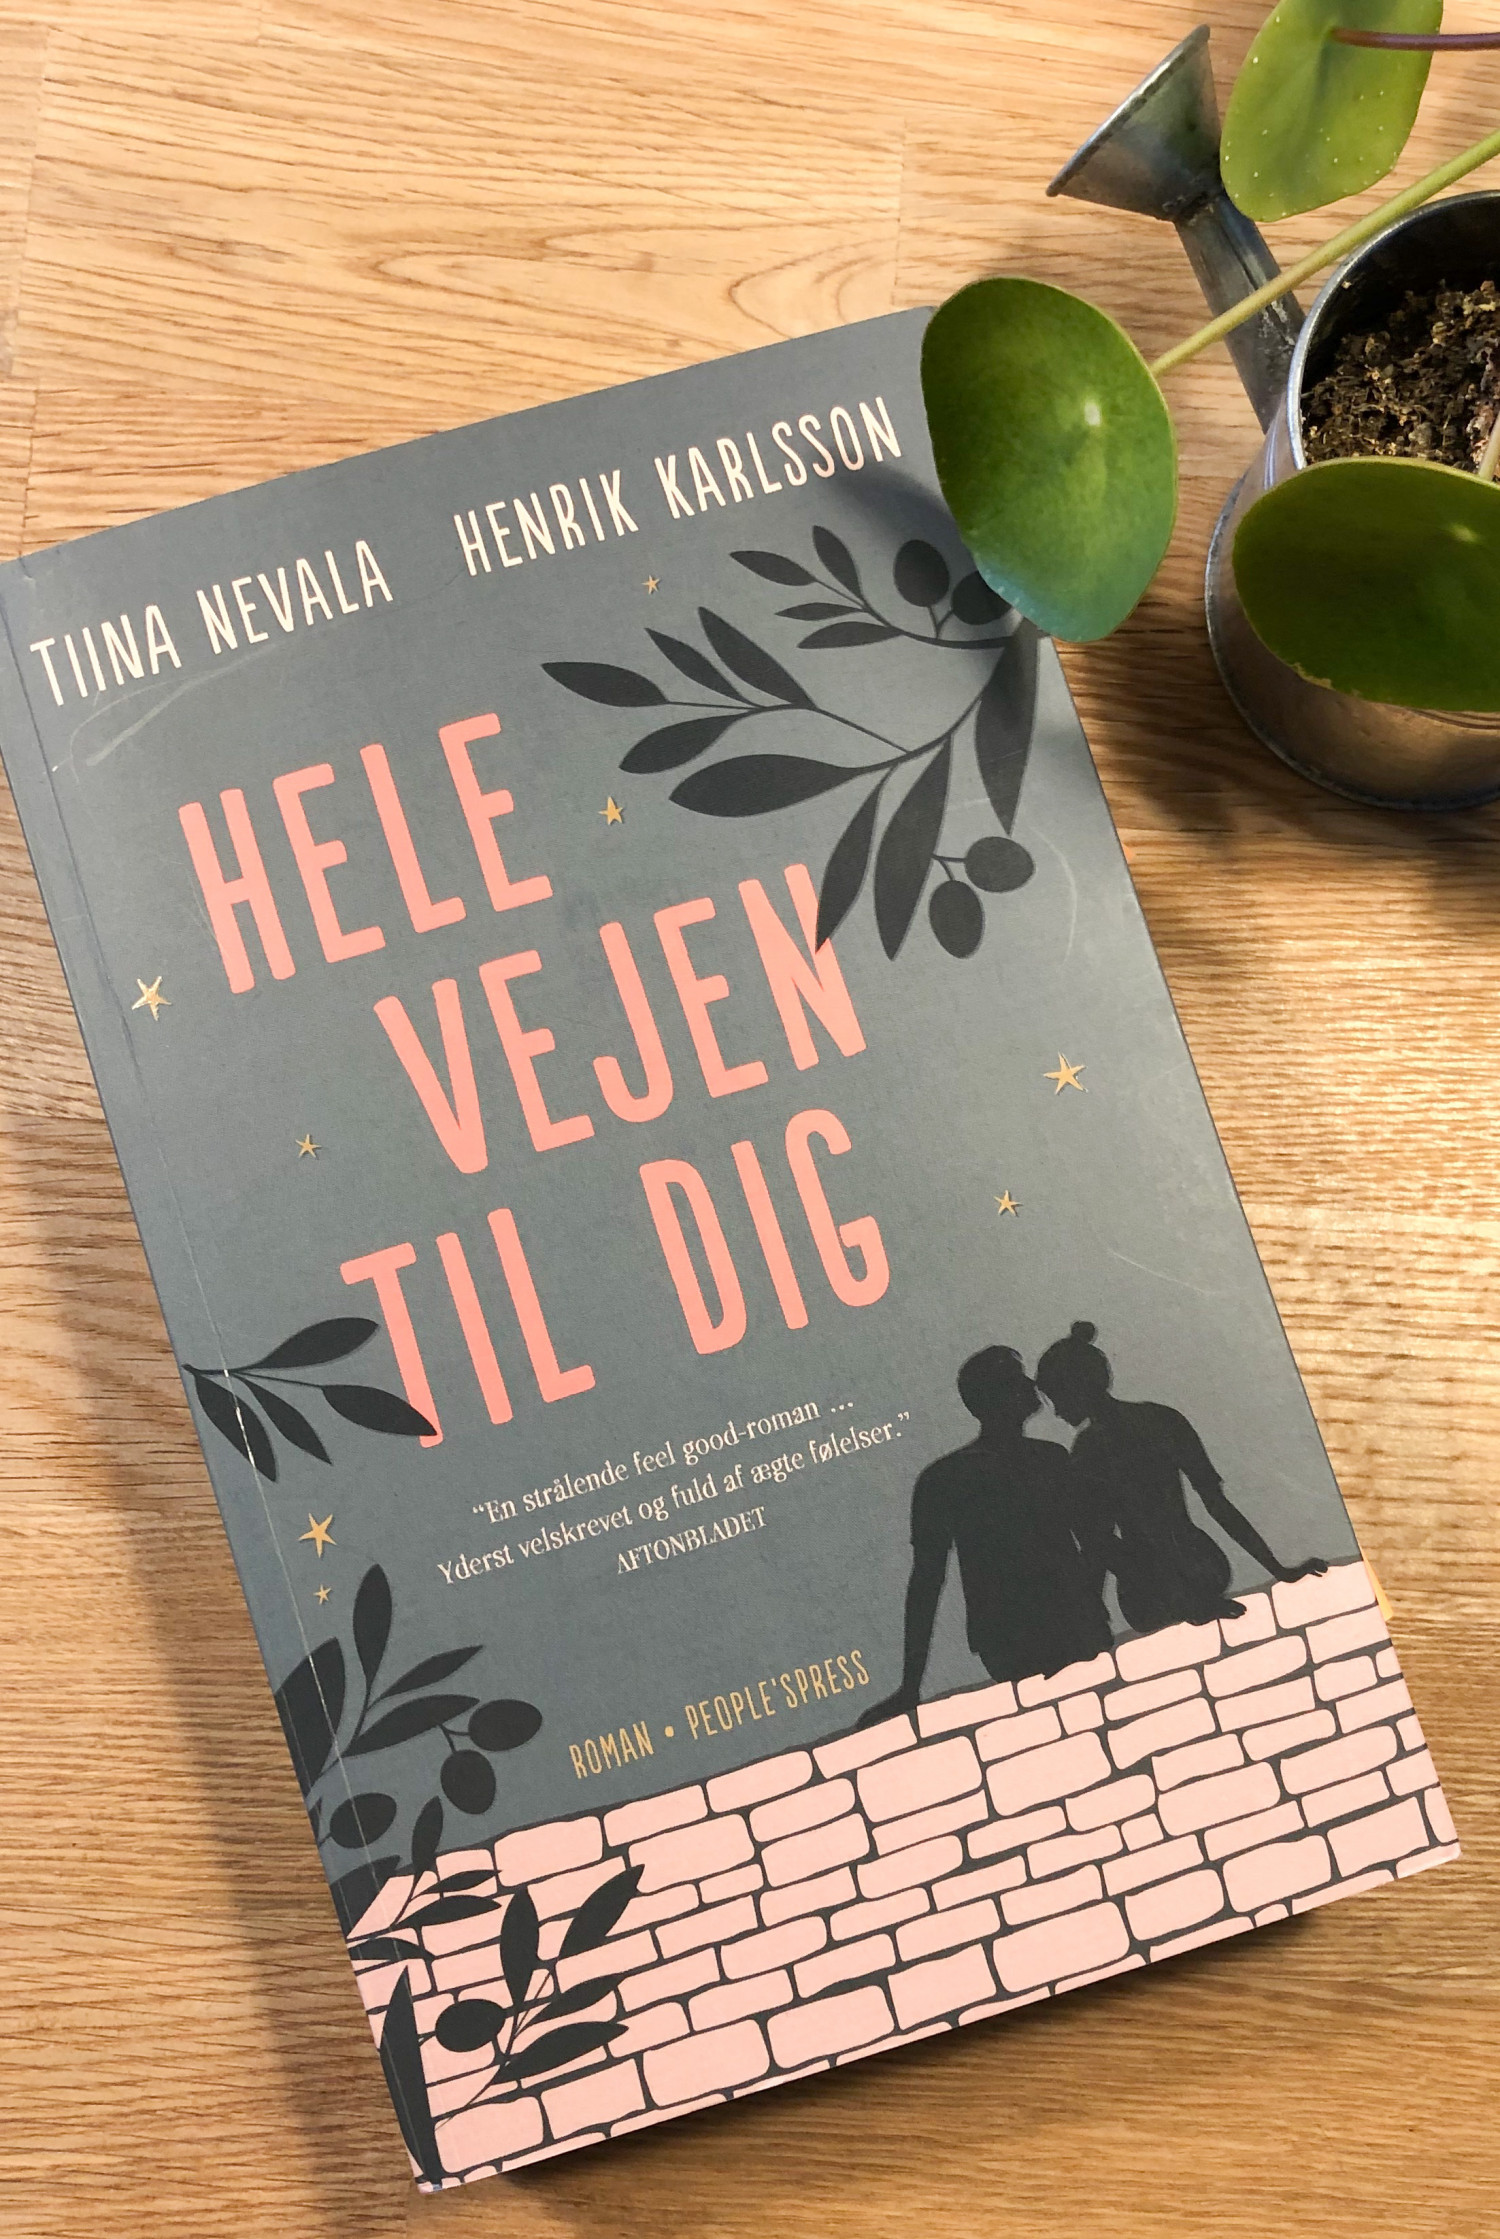 Hele vejen til dig, Roman, People's Press, Tina Nevala, Henrik Karlsson, För såna som oss, krummeskrummelurer, krummeskrummelurer.dk, boganmeldelse, anbefaling, anmeldereksemplar,